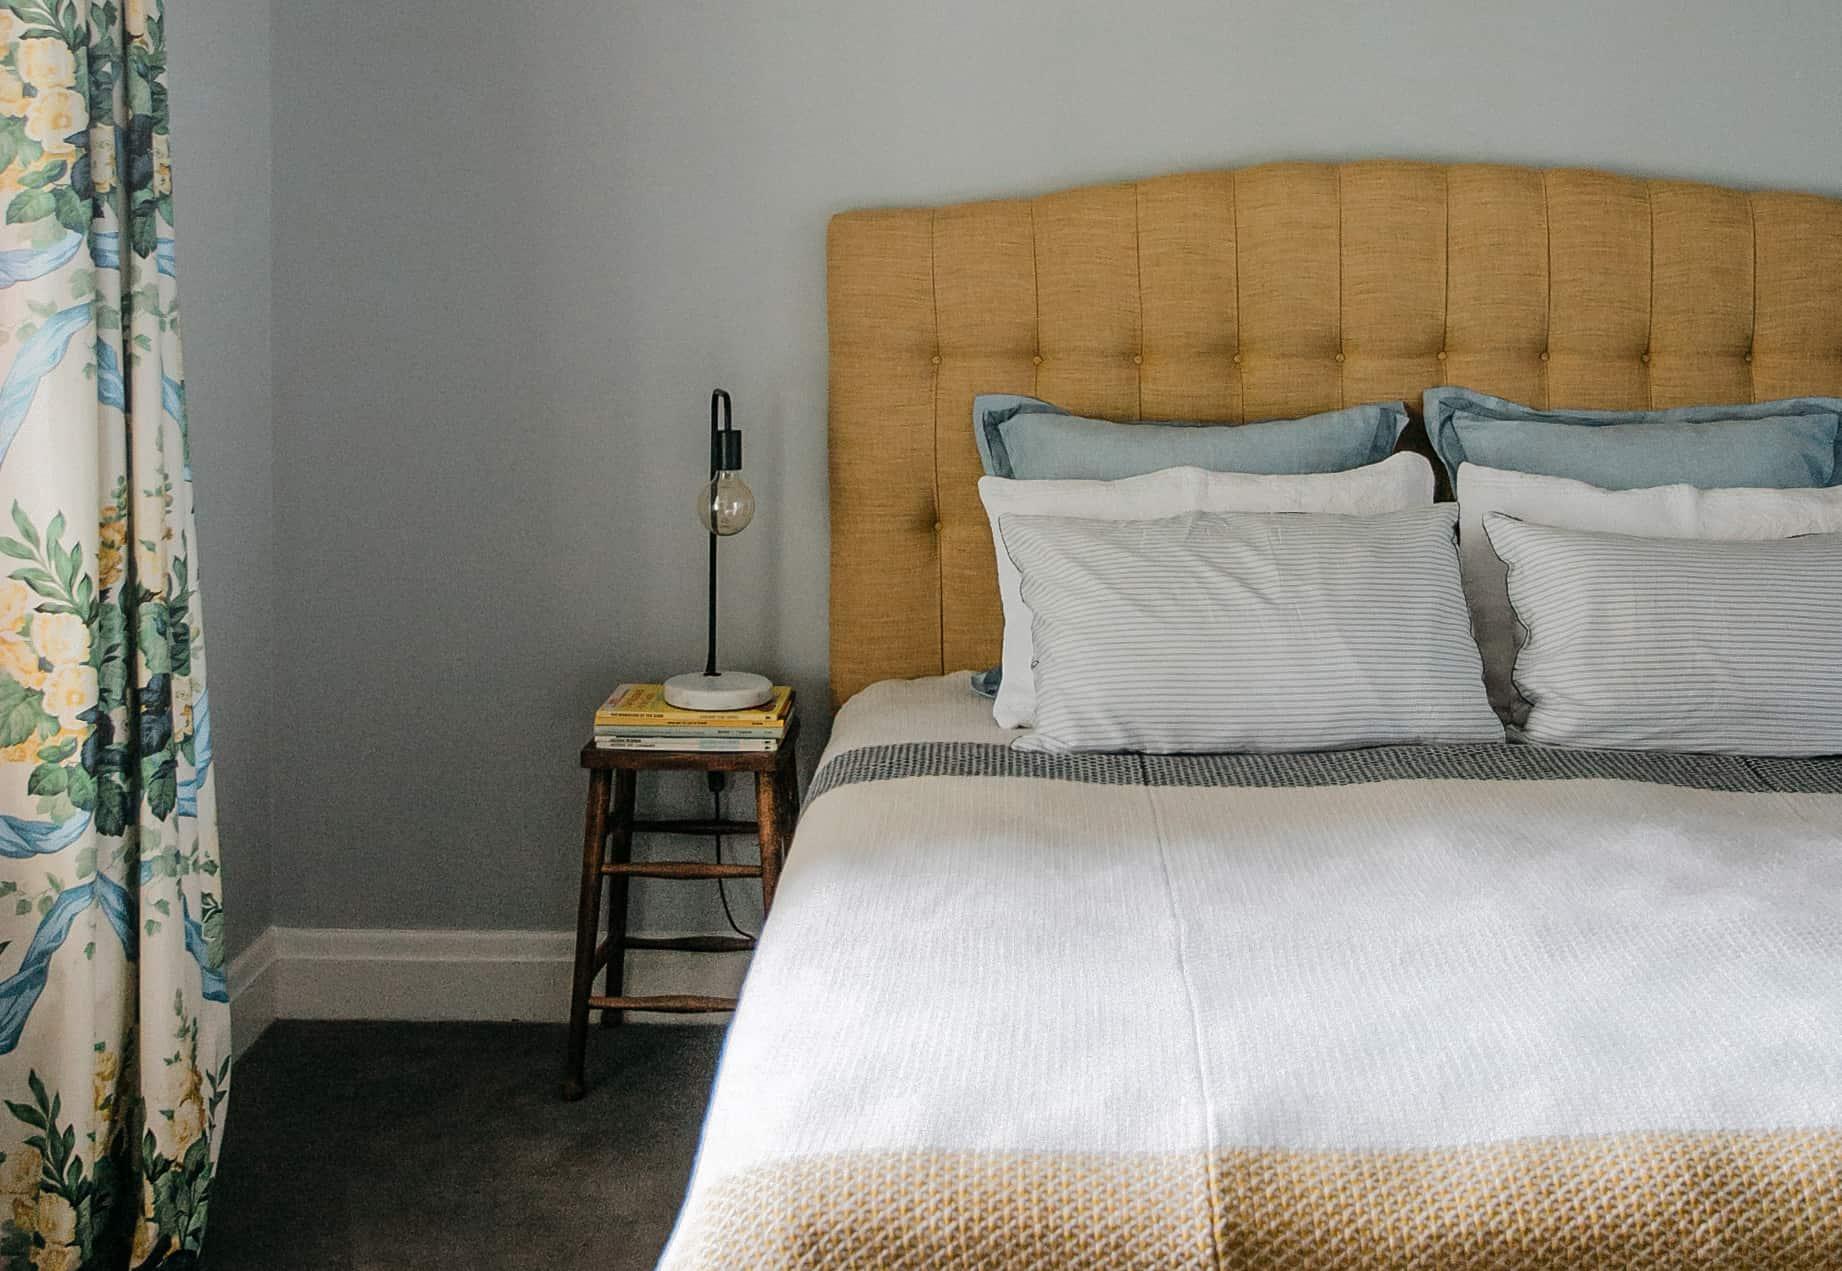 Margate bedhead